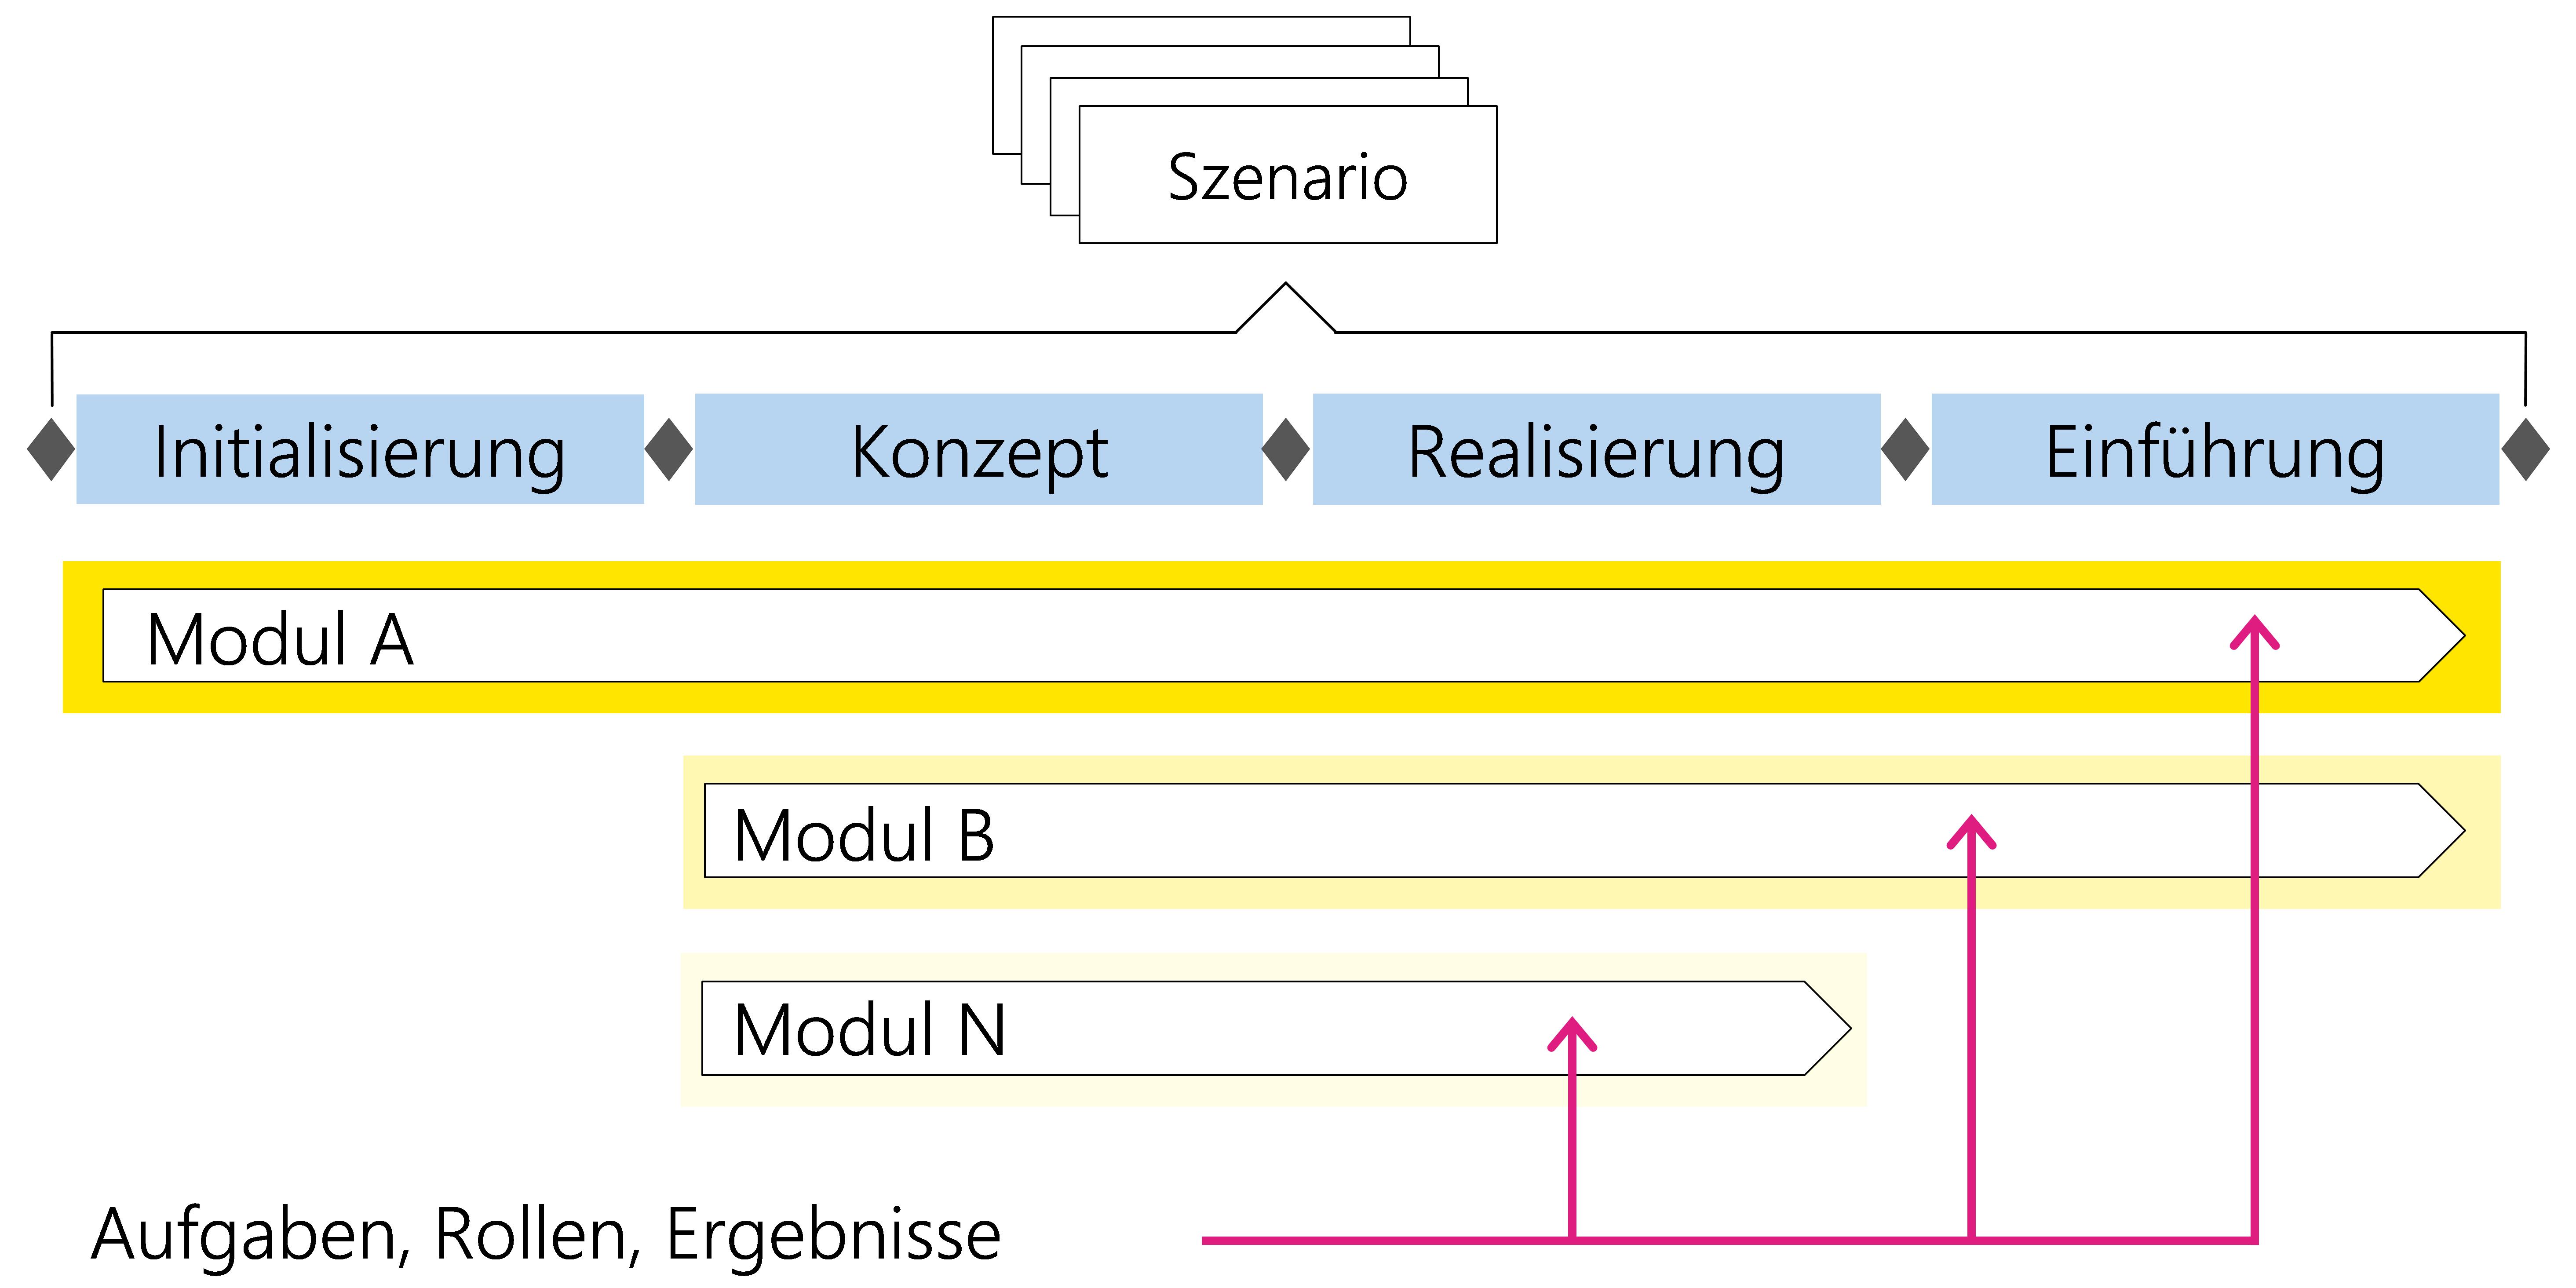 Abbildung3: Aufgaben, Rollen und Ergebnisse eines Moduls